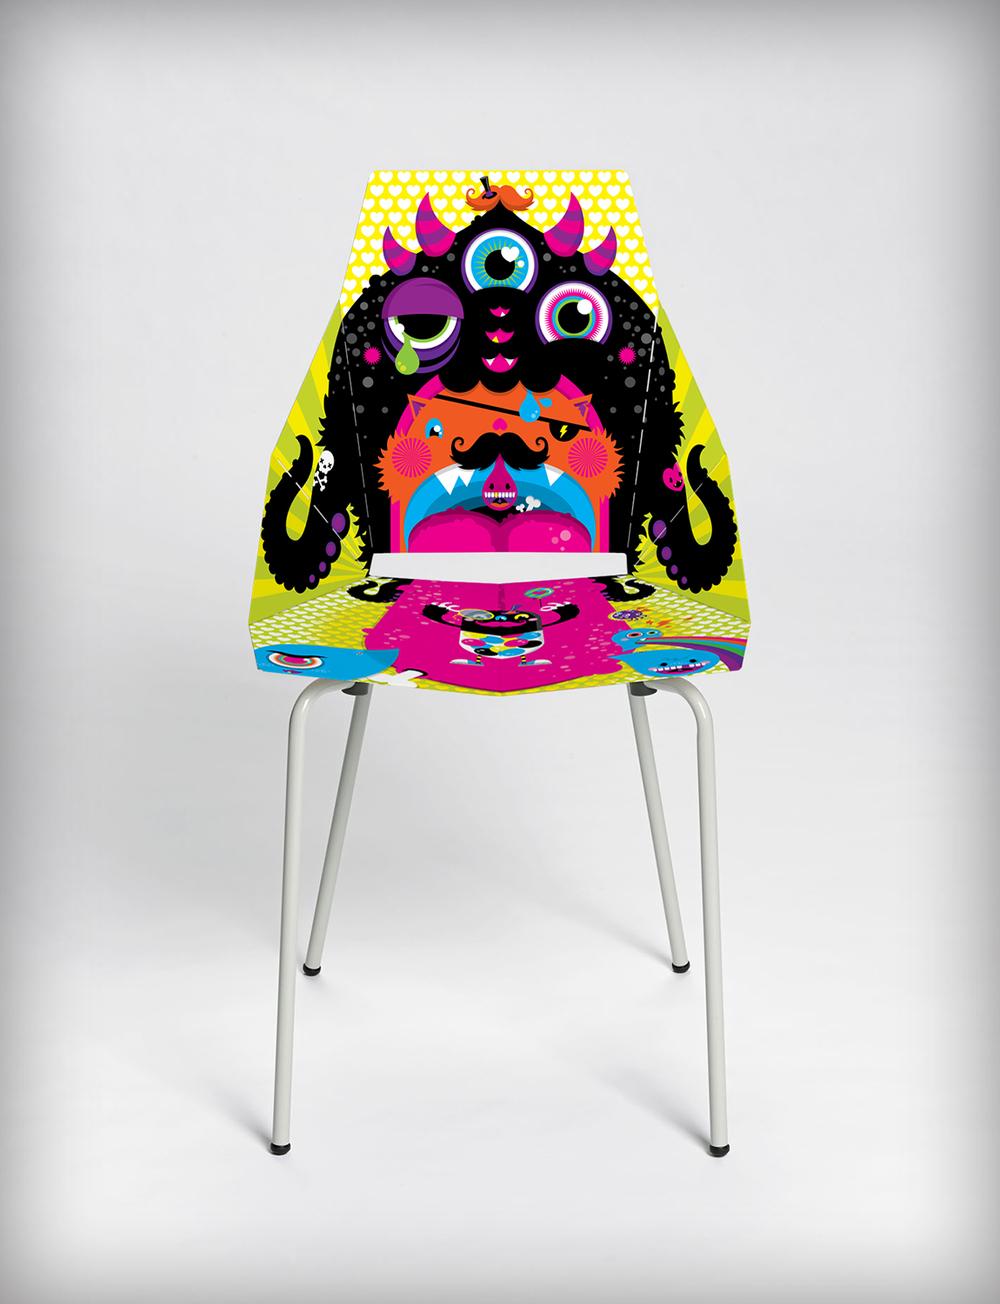 AIGA_Chair_FRONT.jpg